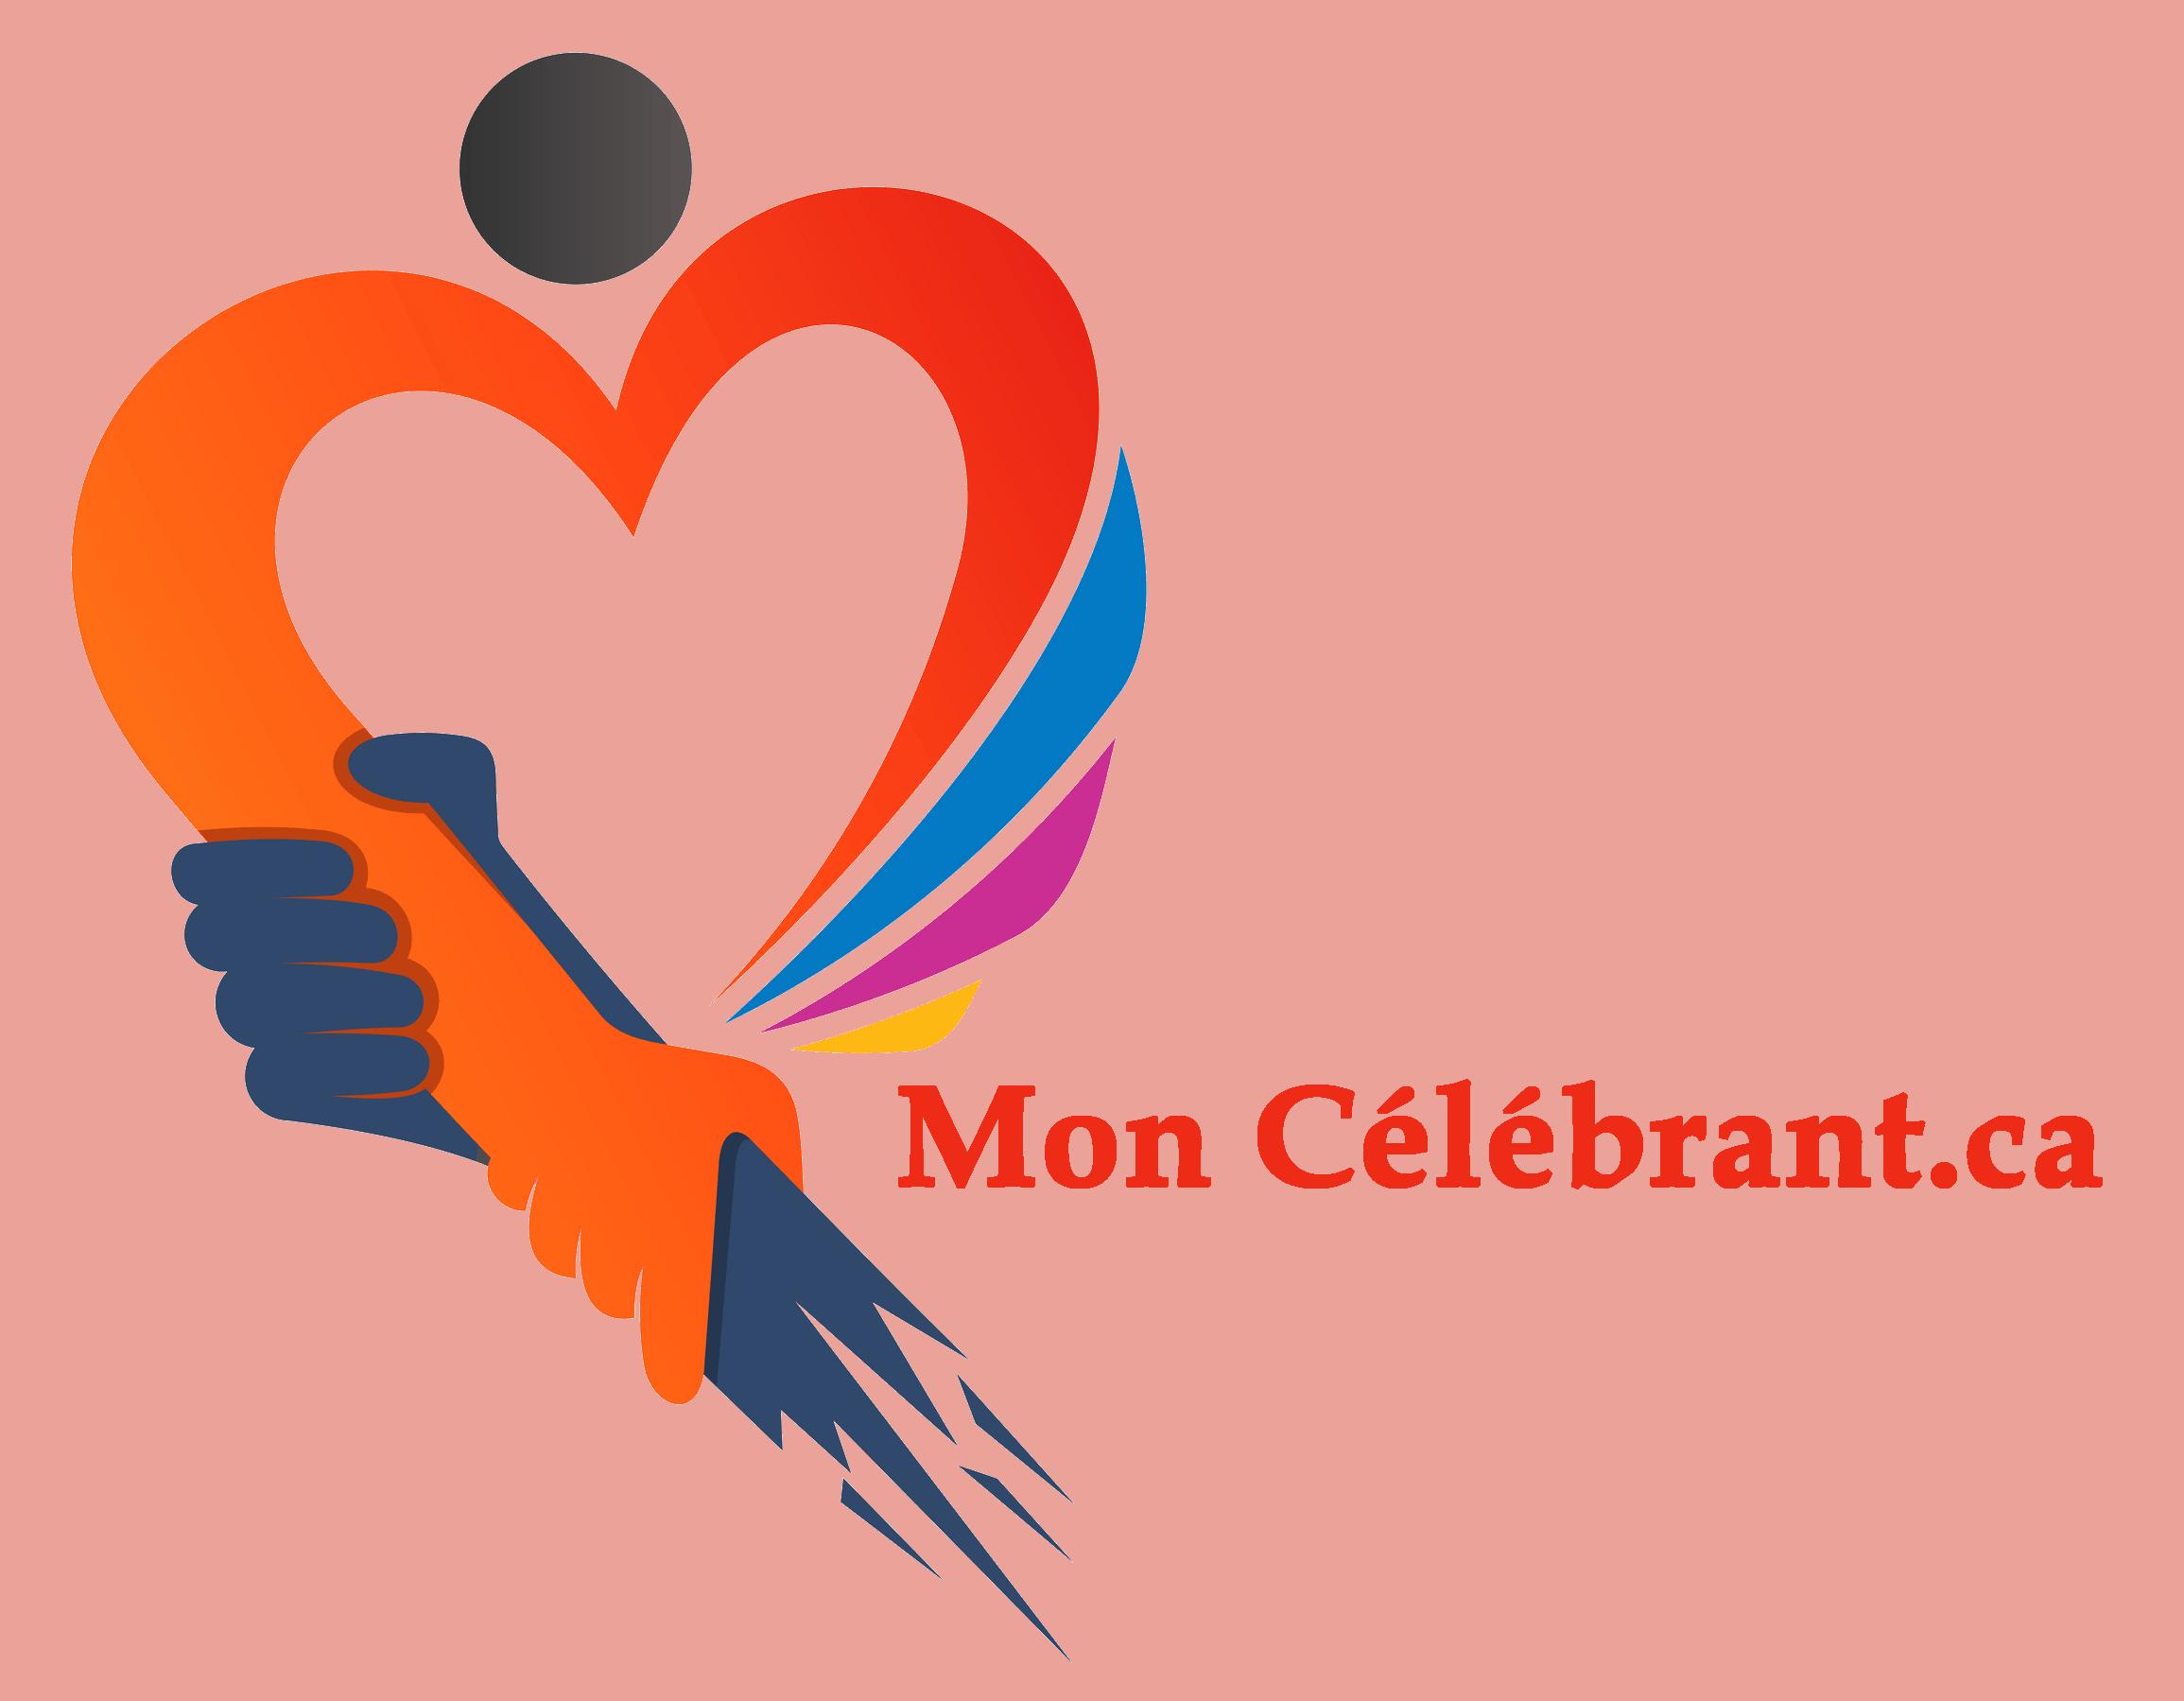 Mon Célébrant.ca